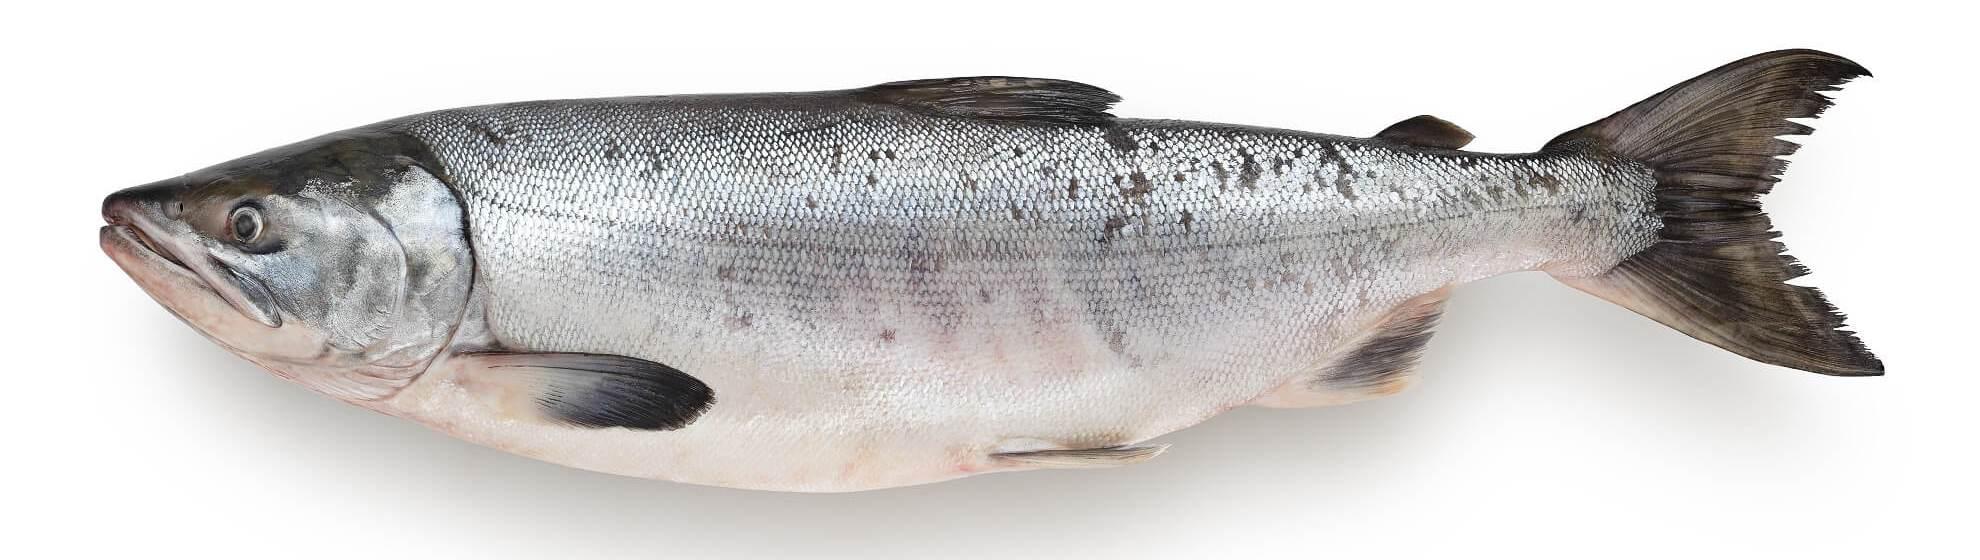 Рыба нерпа или нерка. что за рыба - нерка. полезные качества рыбы